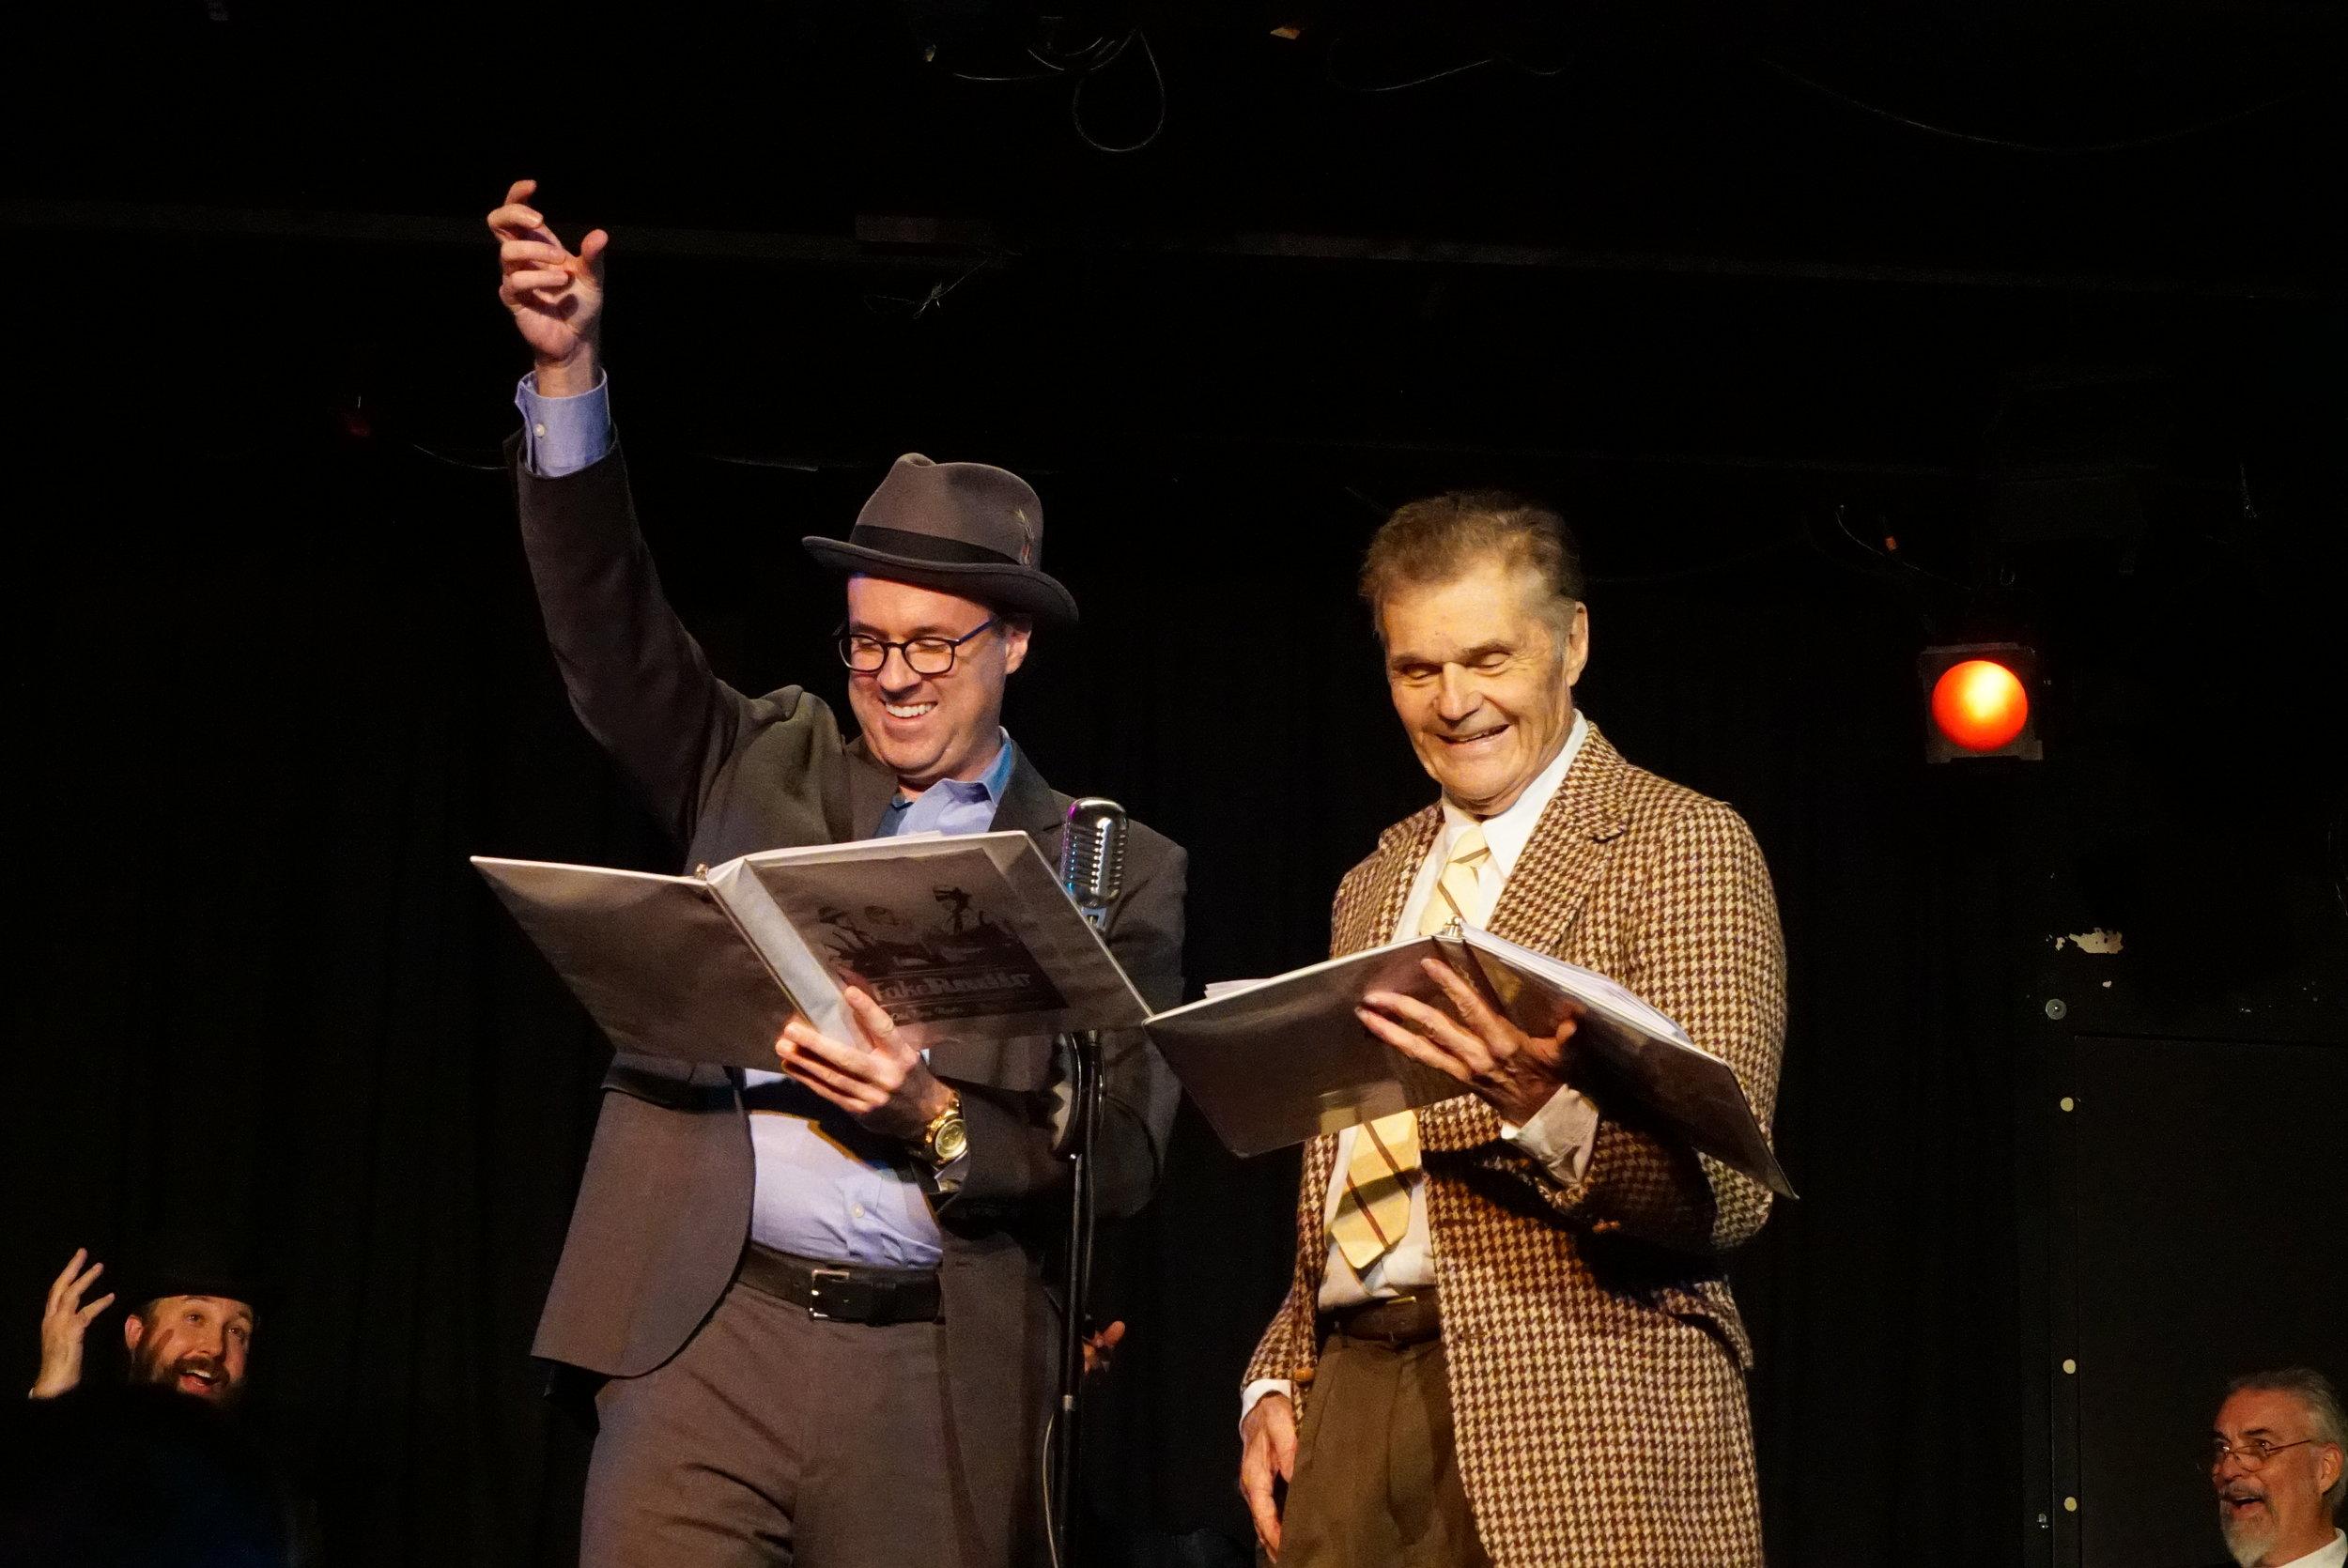 Cast member Scott Hennelly, delighting Emmy-winner Fred Willard on stage in LA